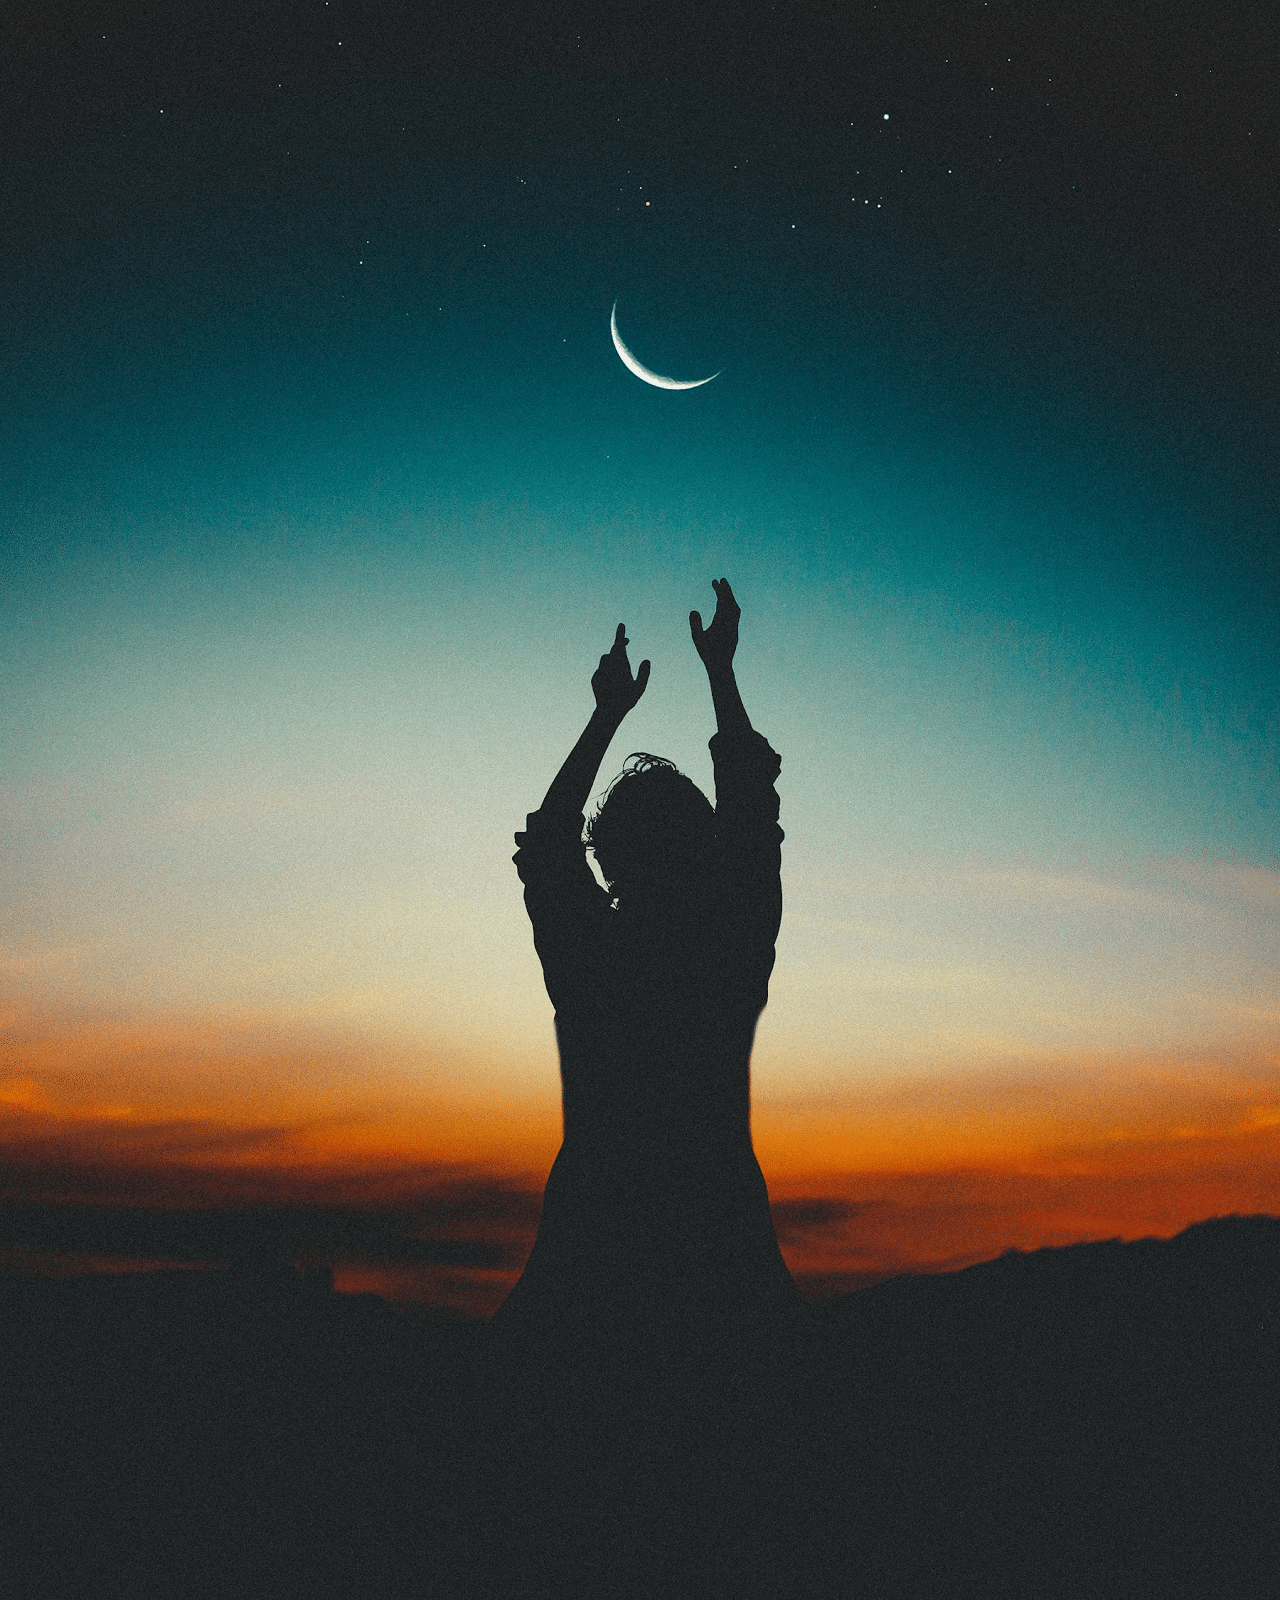 nieuwe maan en silhouet